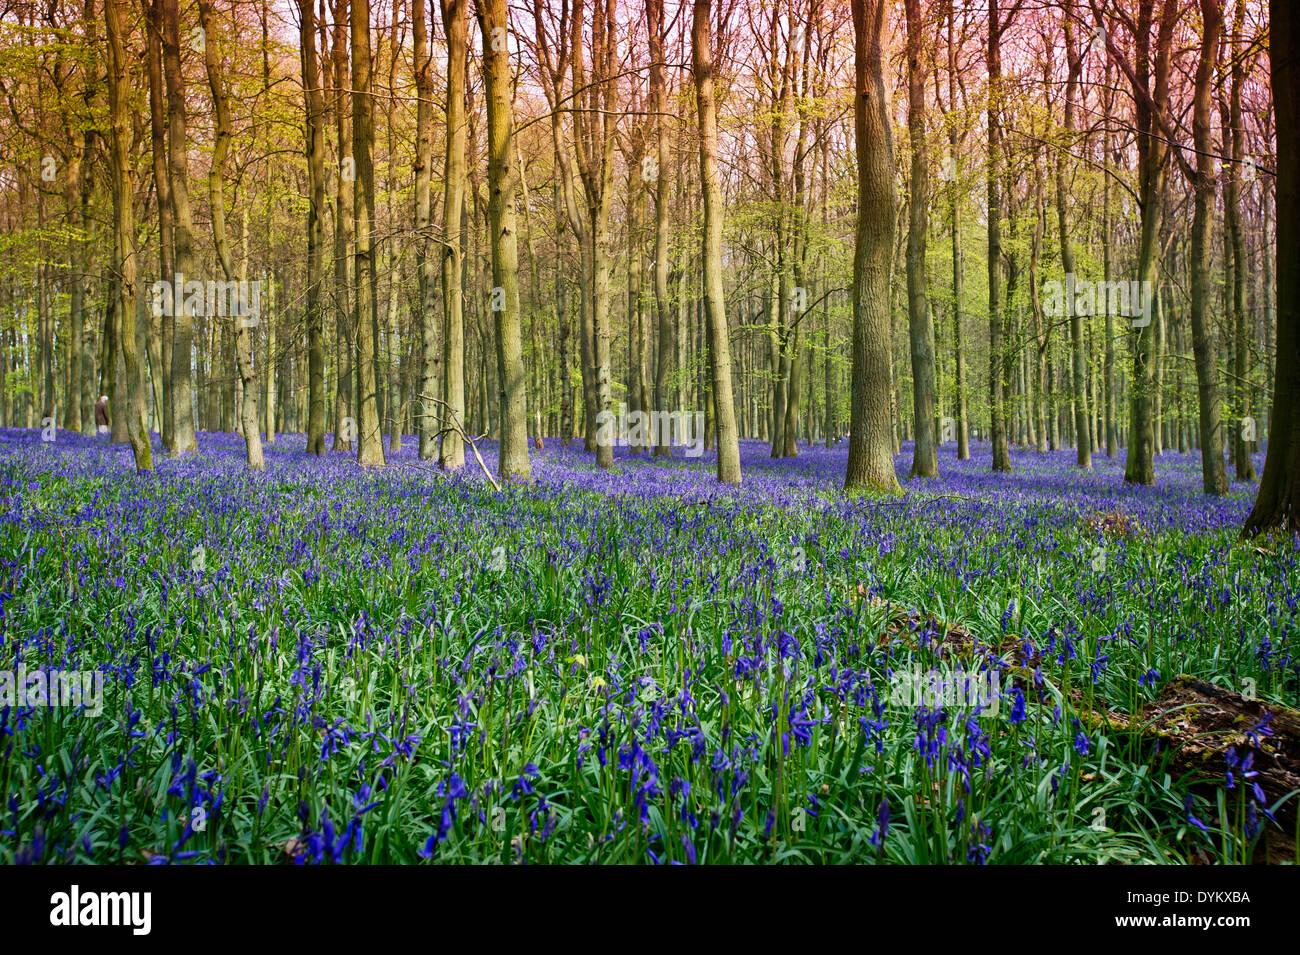 Sunlight on bluebells in Ashridge woodland, Dockey Wood - Stock Image